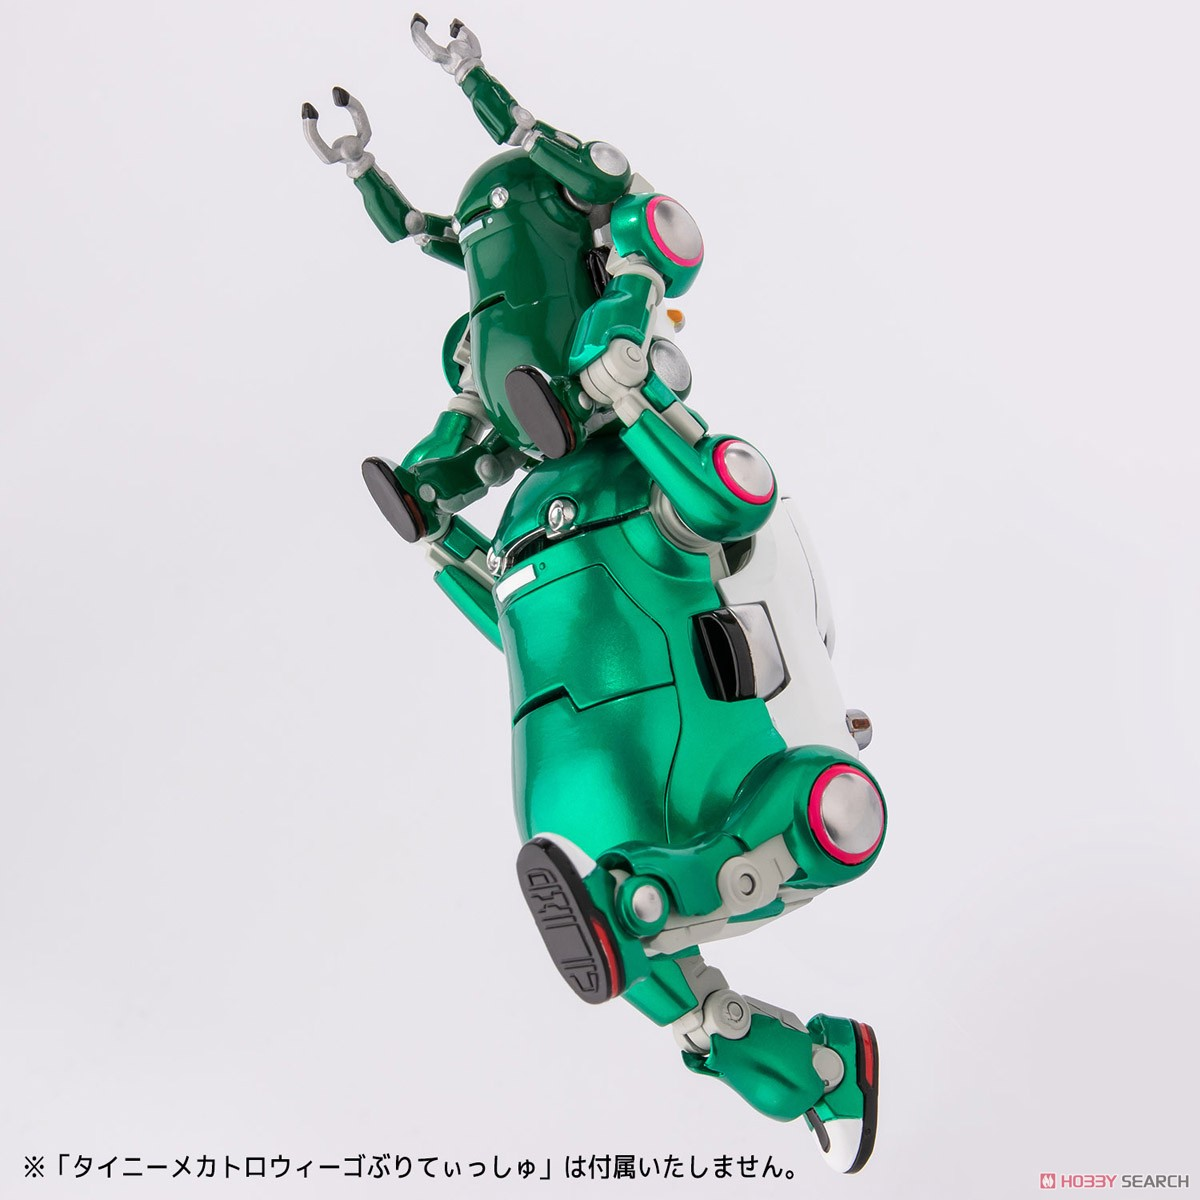 メカトロウィーゴ『35メカトロウィーゴ ねお・ぶりてぃっしゅ』可動フィギュア-011